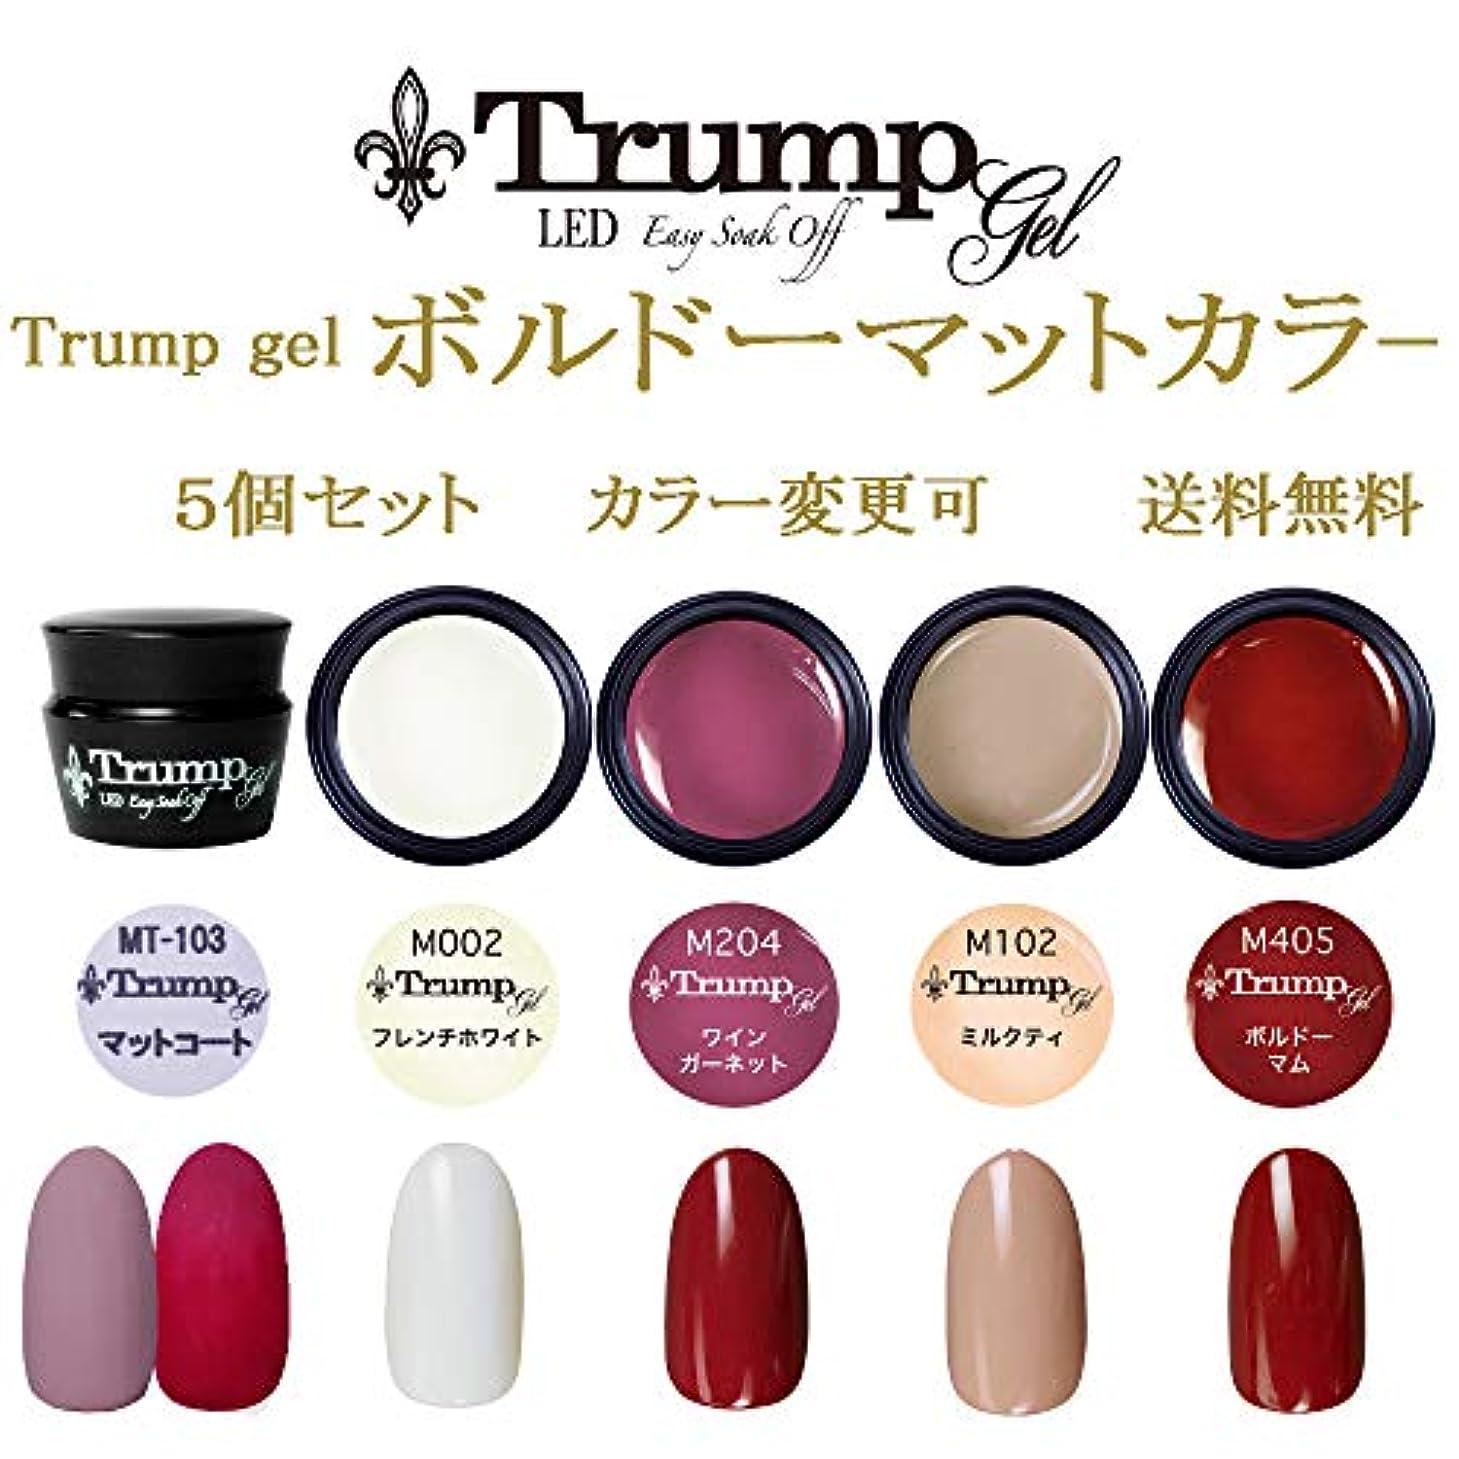 弾丸私質素な日本製 Trump gel トランプジェル ボルドー マット カラー 選べる カラージェル 5個セット マットコート ホワイト ワイン レッド ベージュ